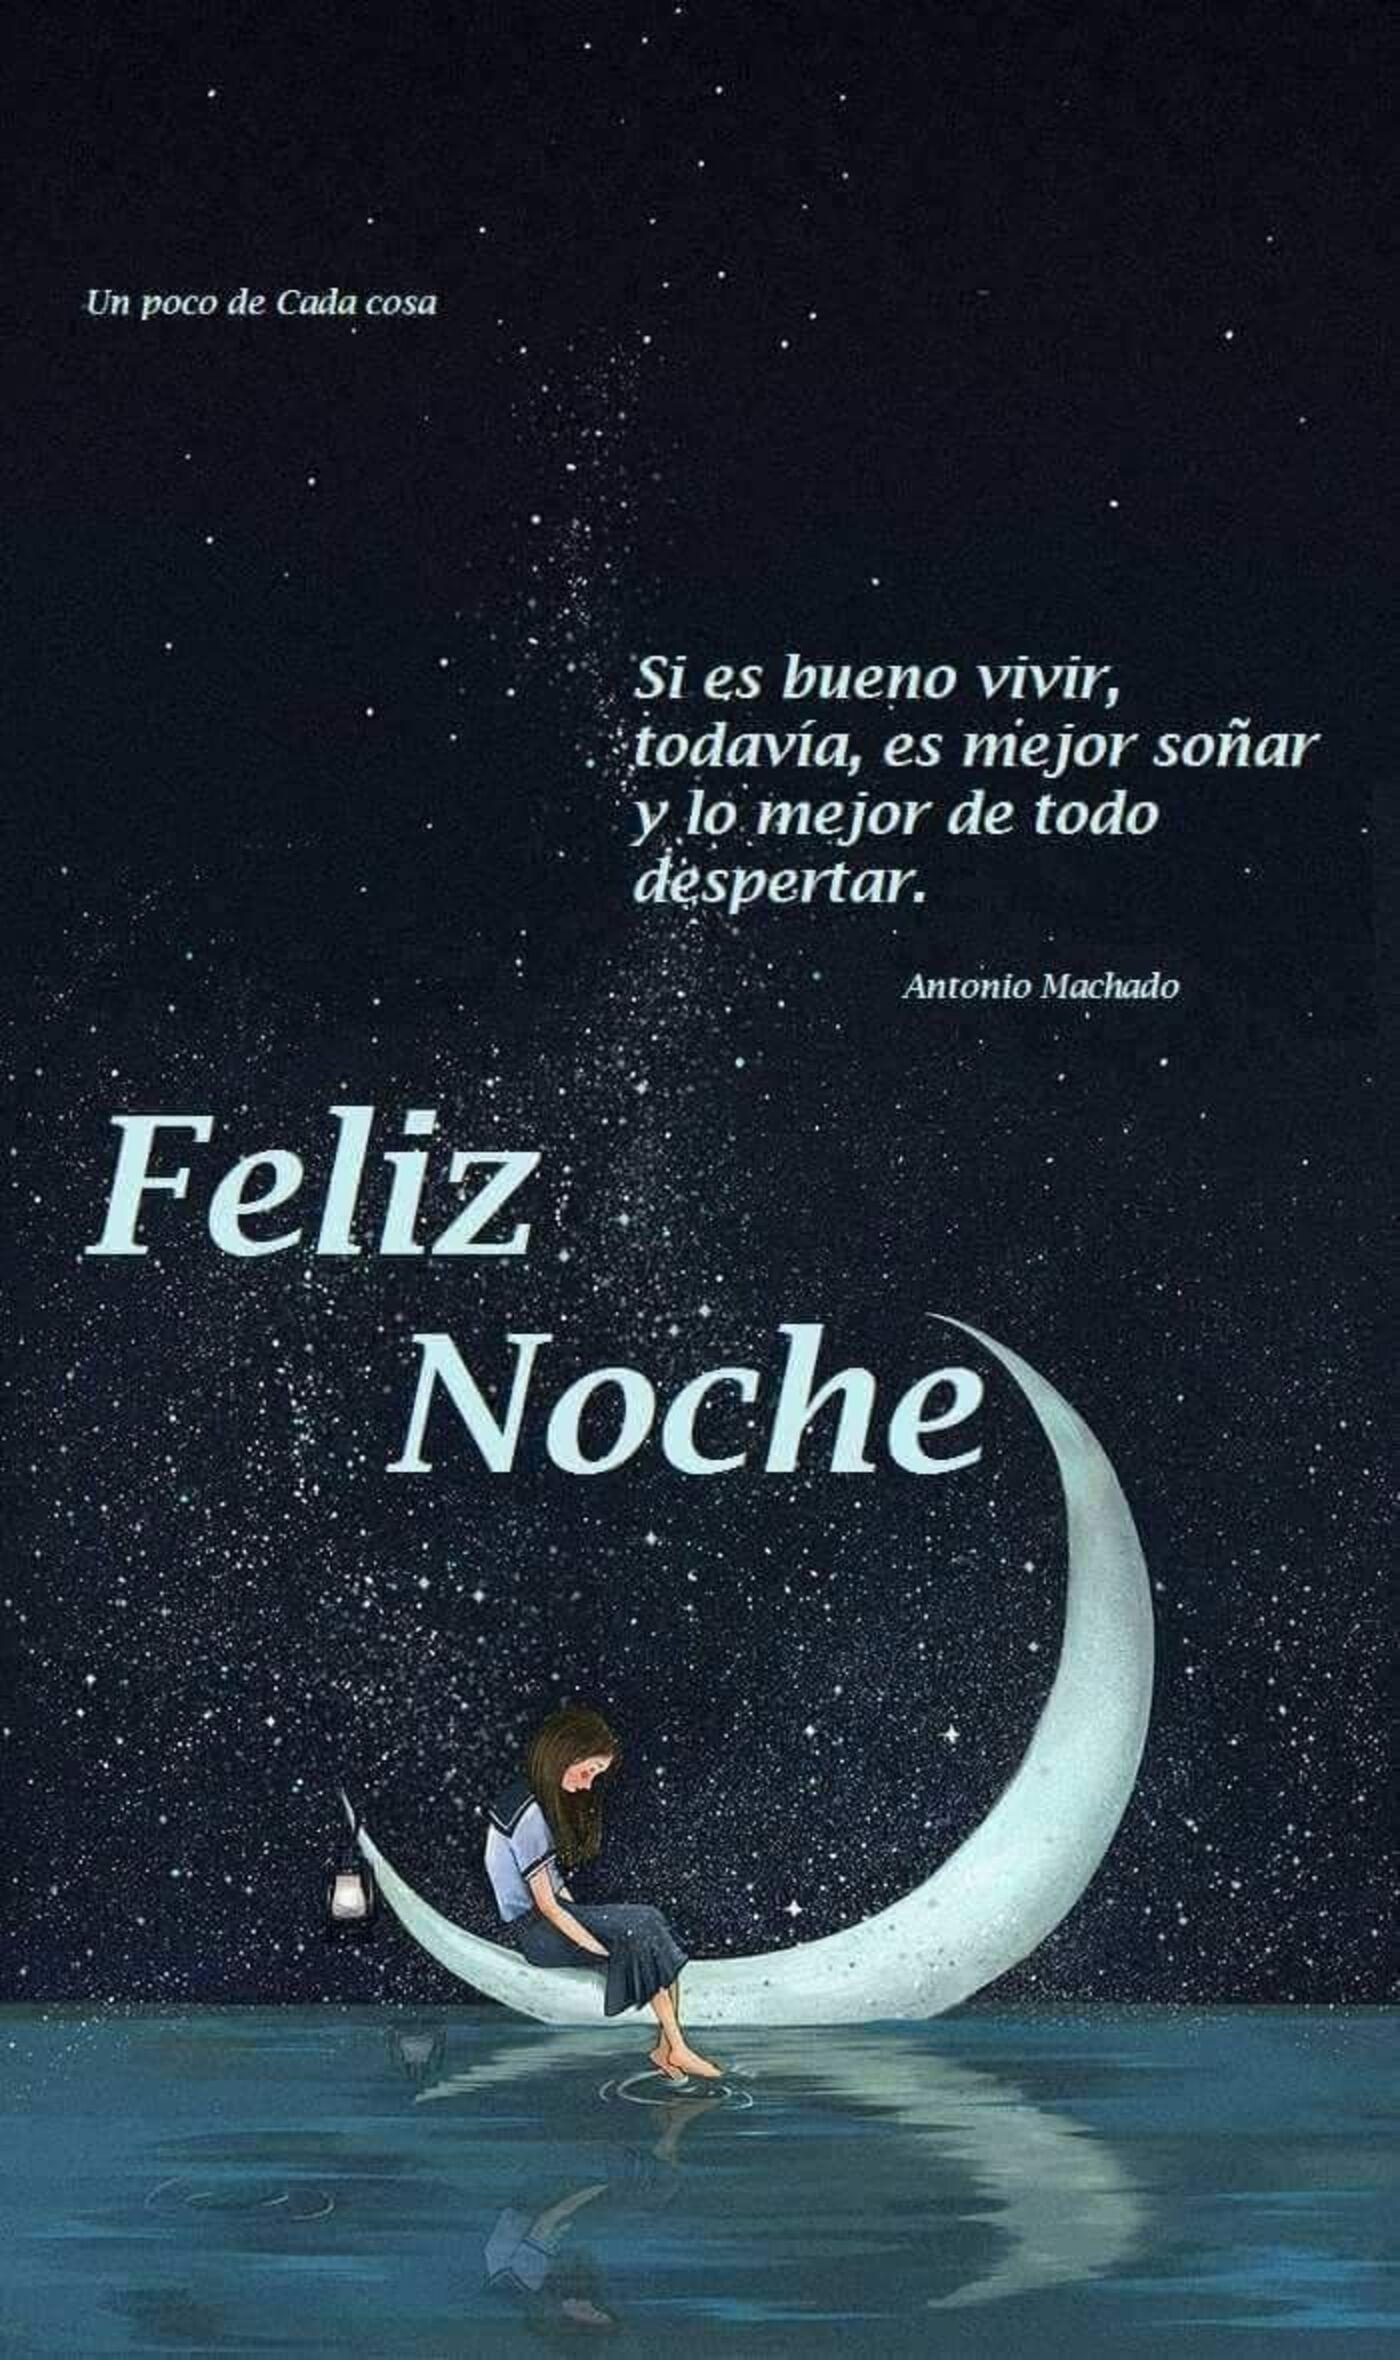 Si es bueno vivir, todavía, es mejor soñar y lo mejor de todo despertar. Feliz Noche